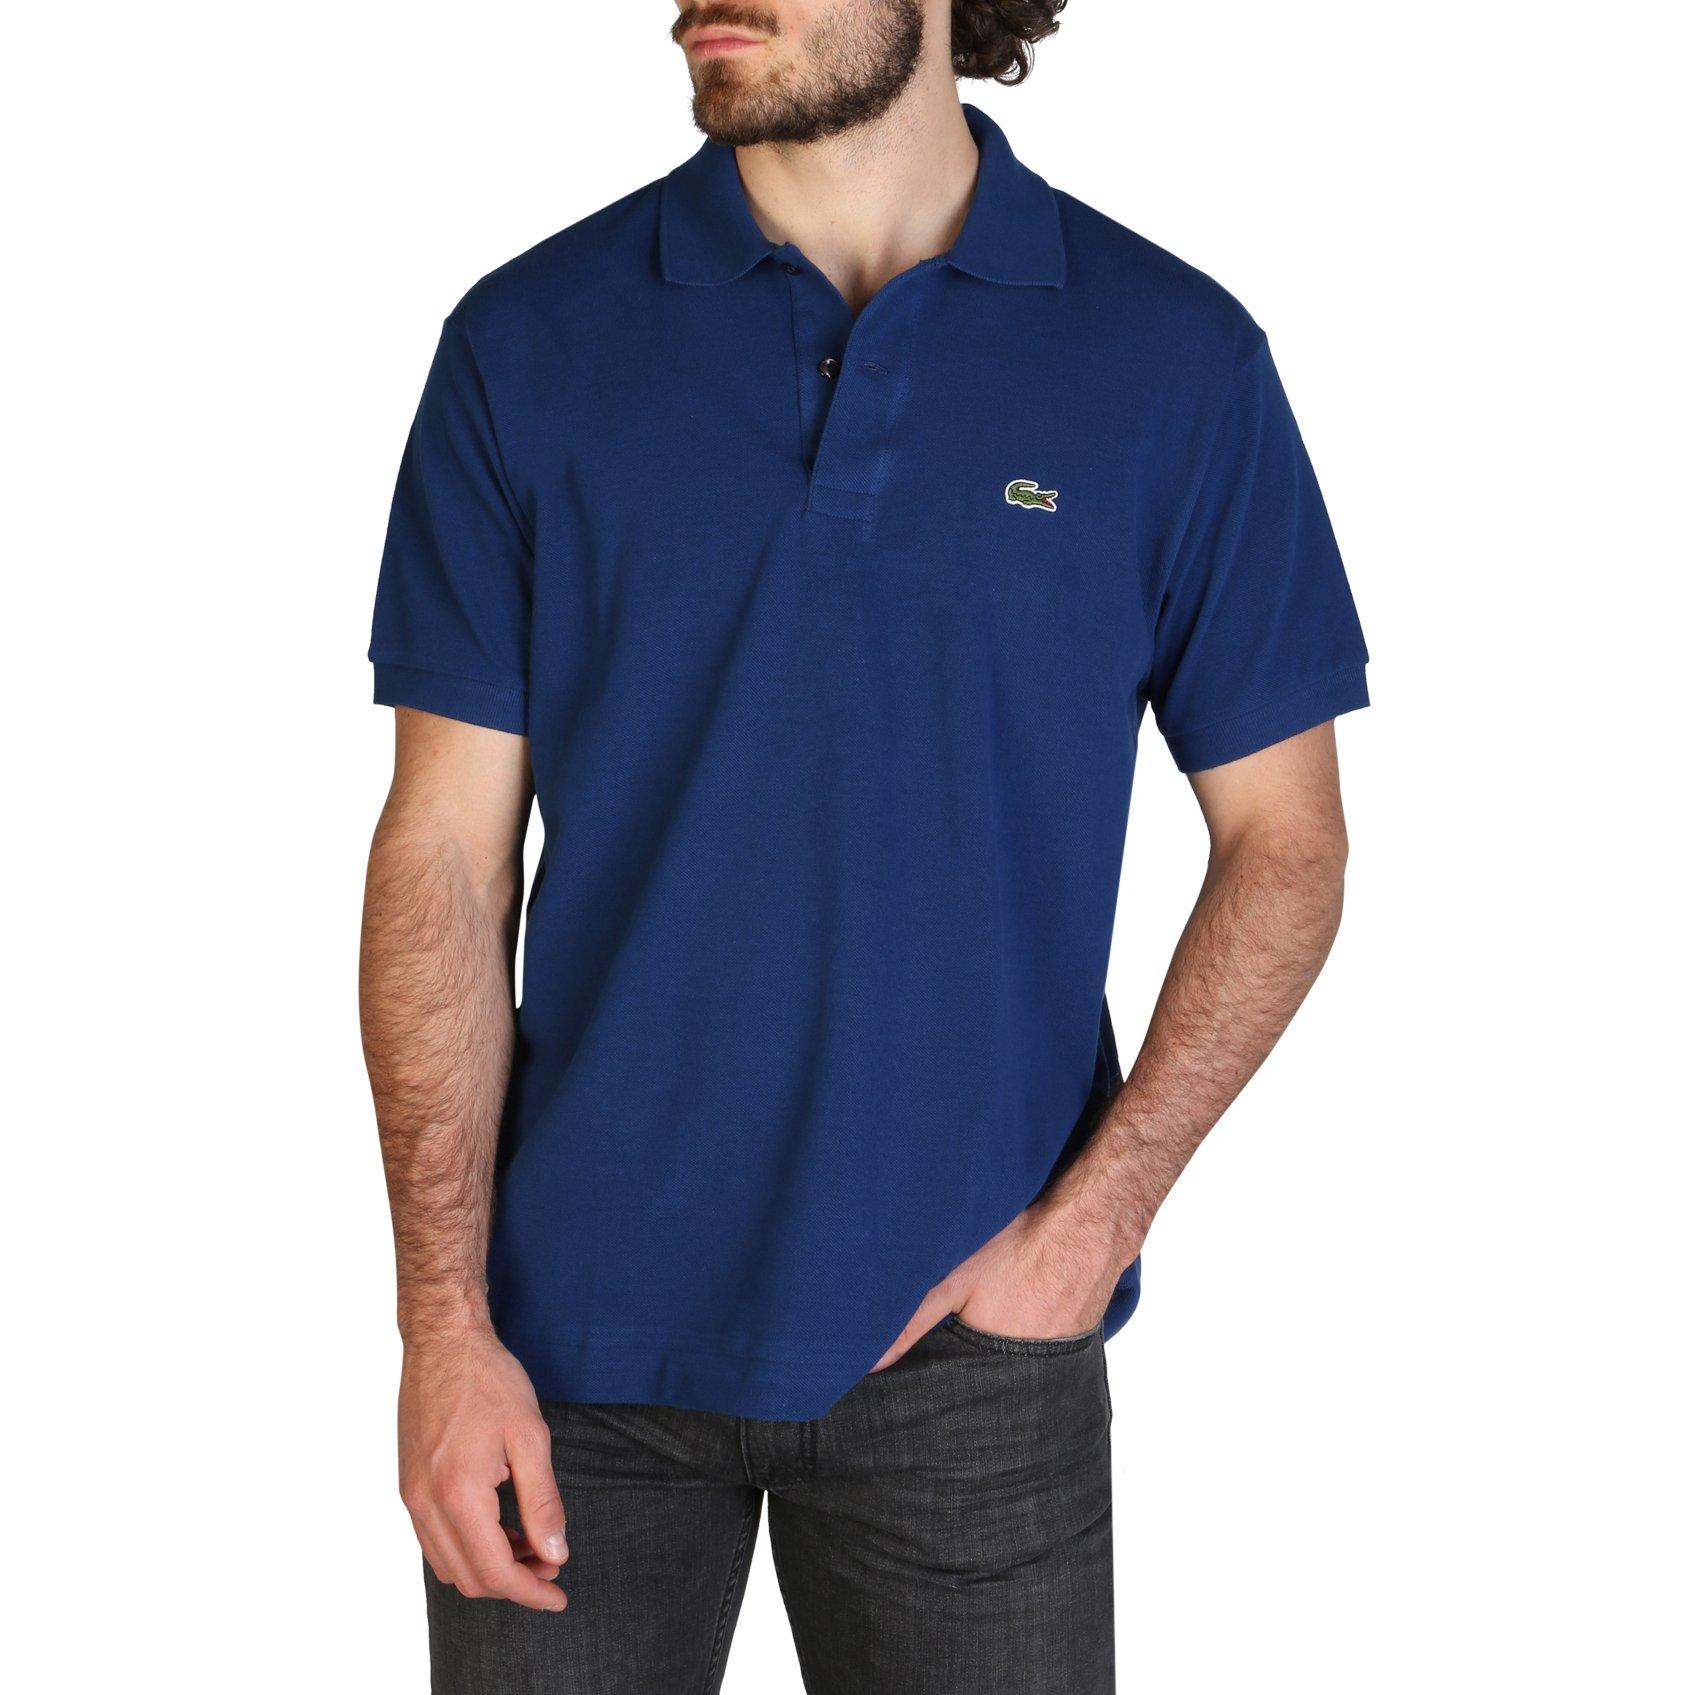 Lacoste Men's Polo Shirt Various Colours L1212_REGULAR - blue-2 L